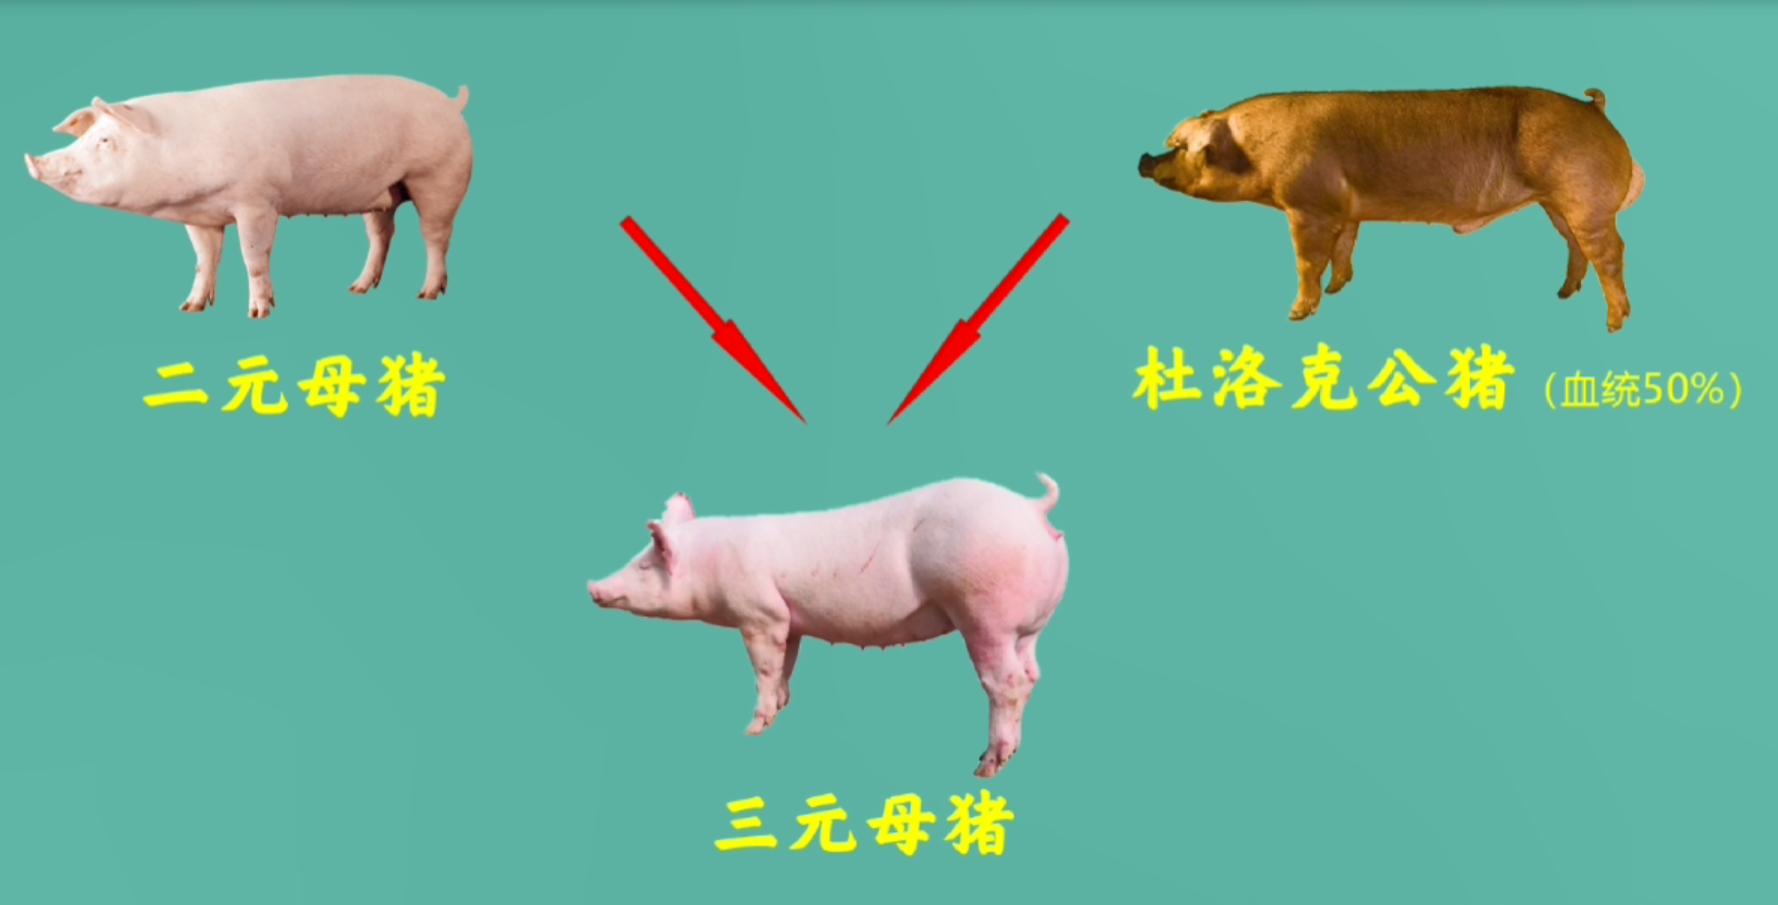 为什么各大上市猪企大量淘汰三元母猪?真正的好种猪有哪些优势?